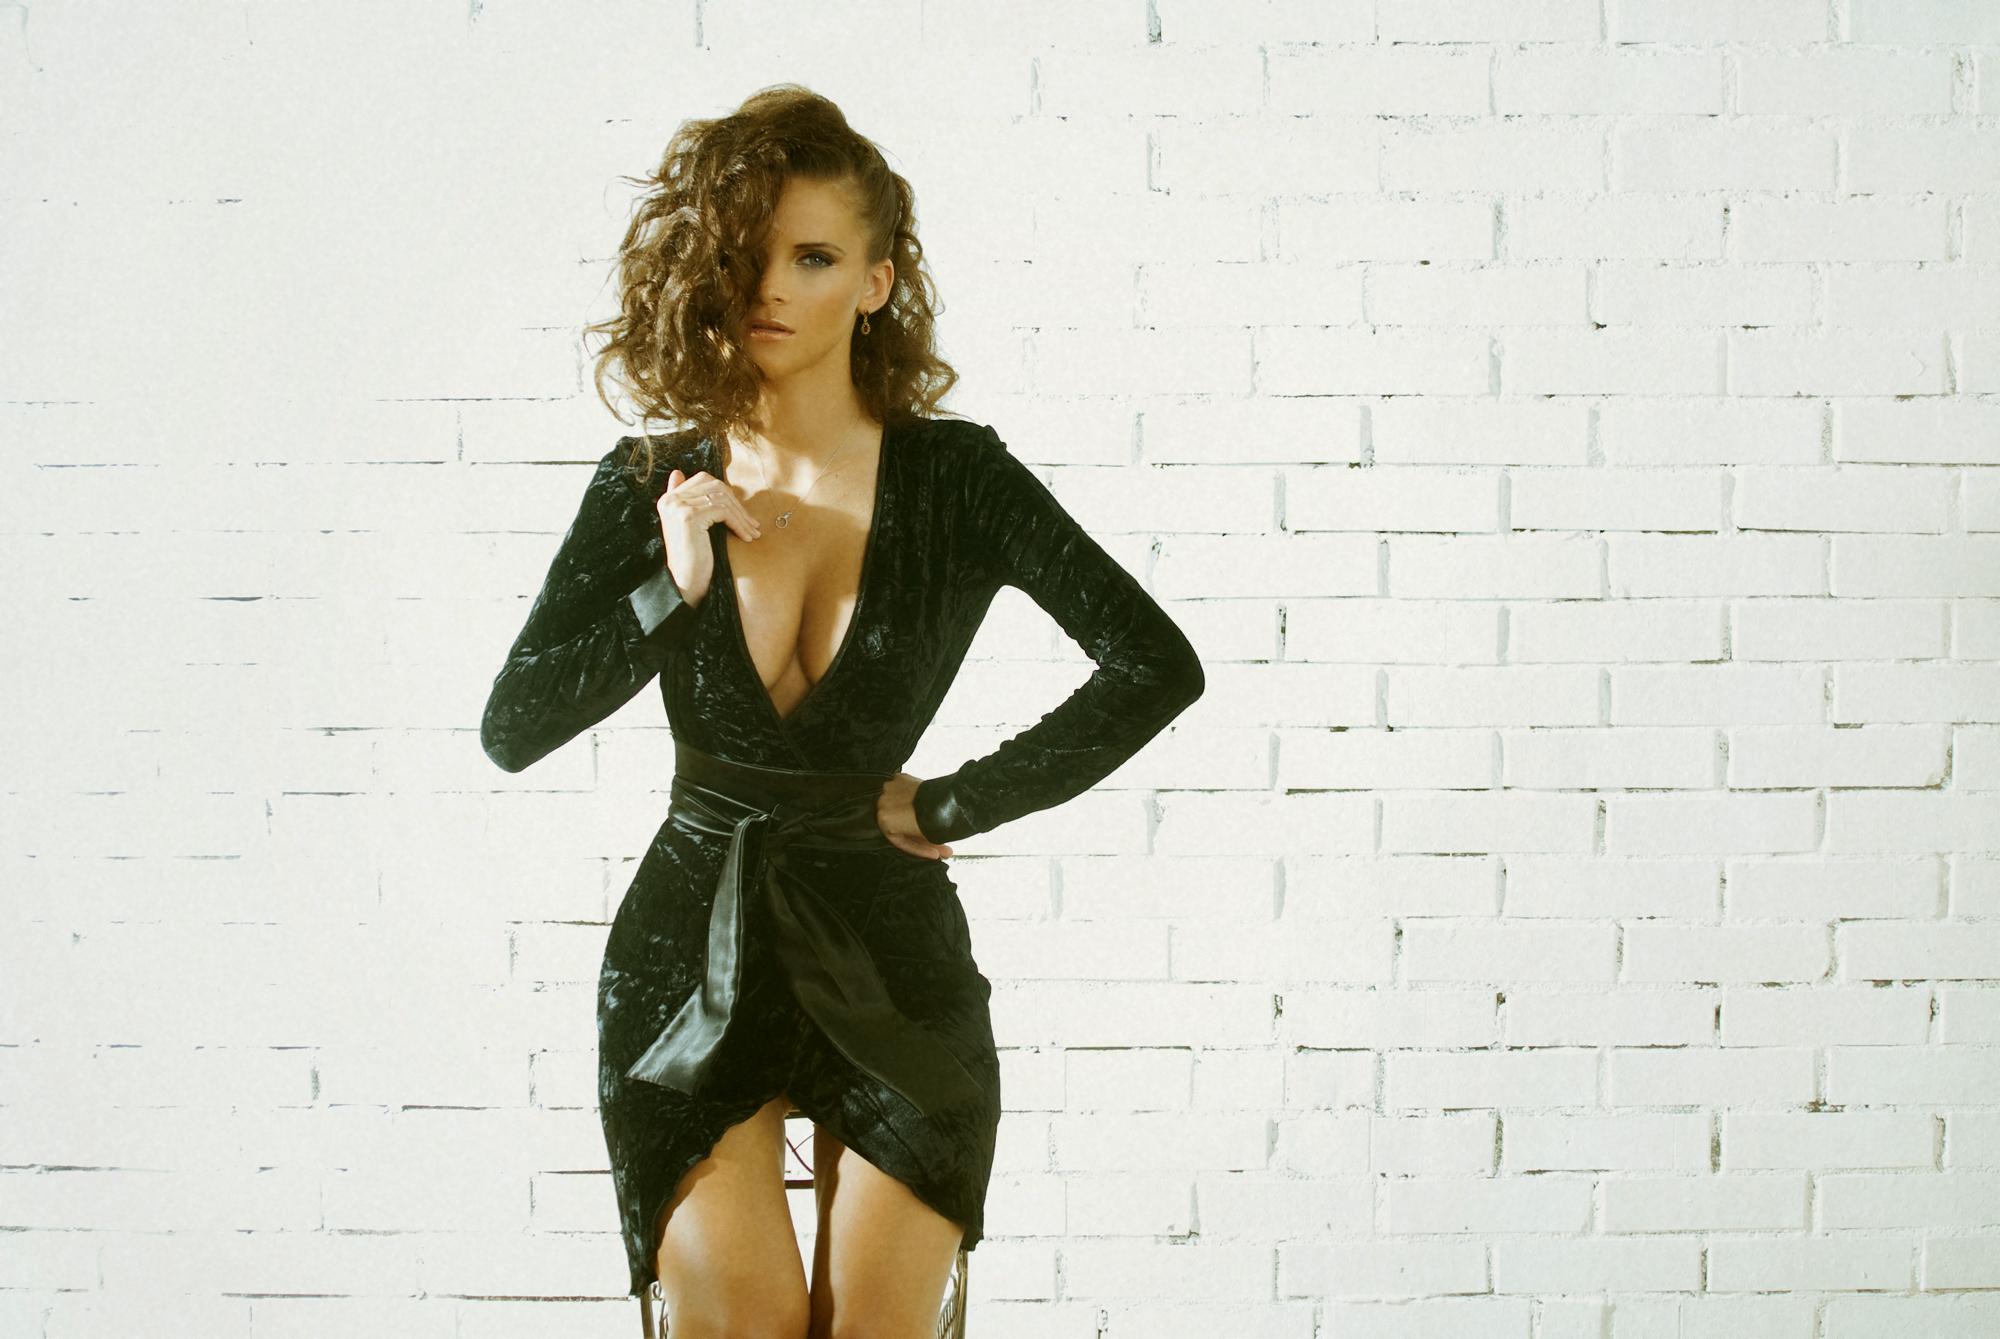 Ирина бунина актриса фото